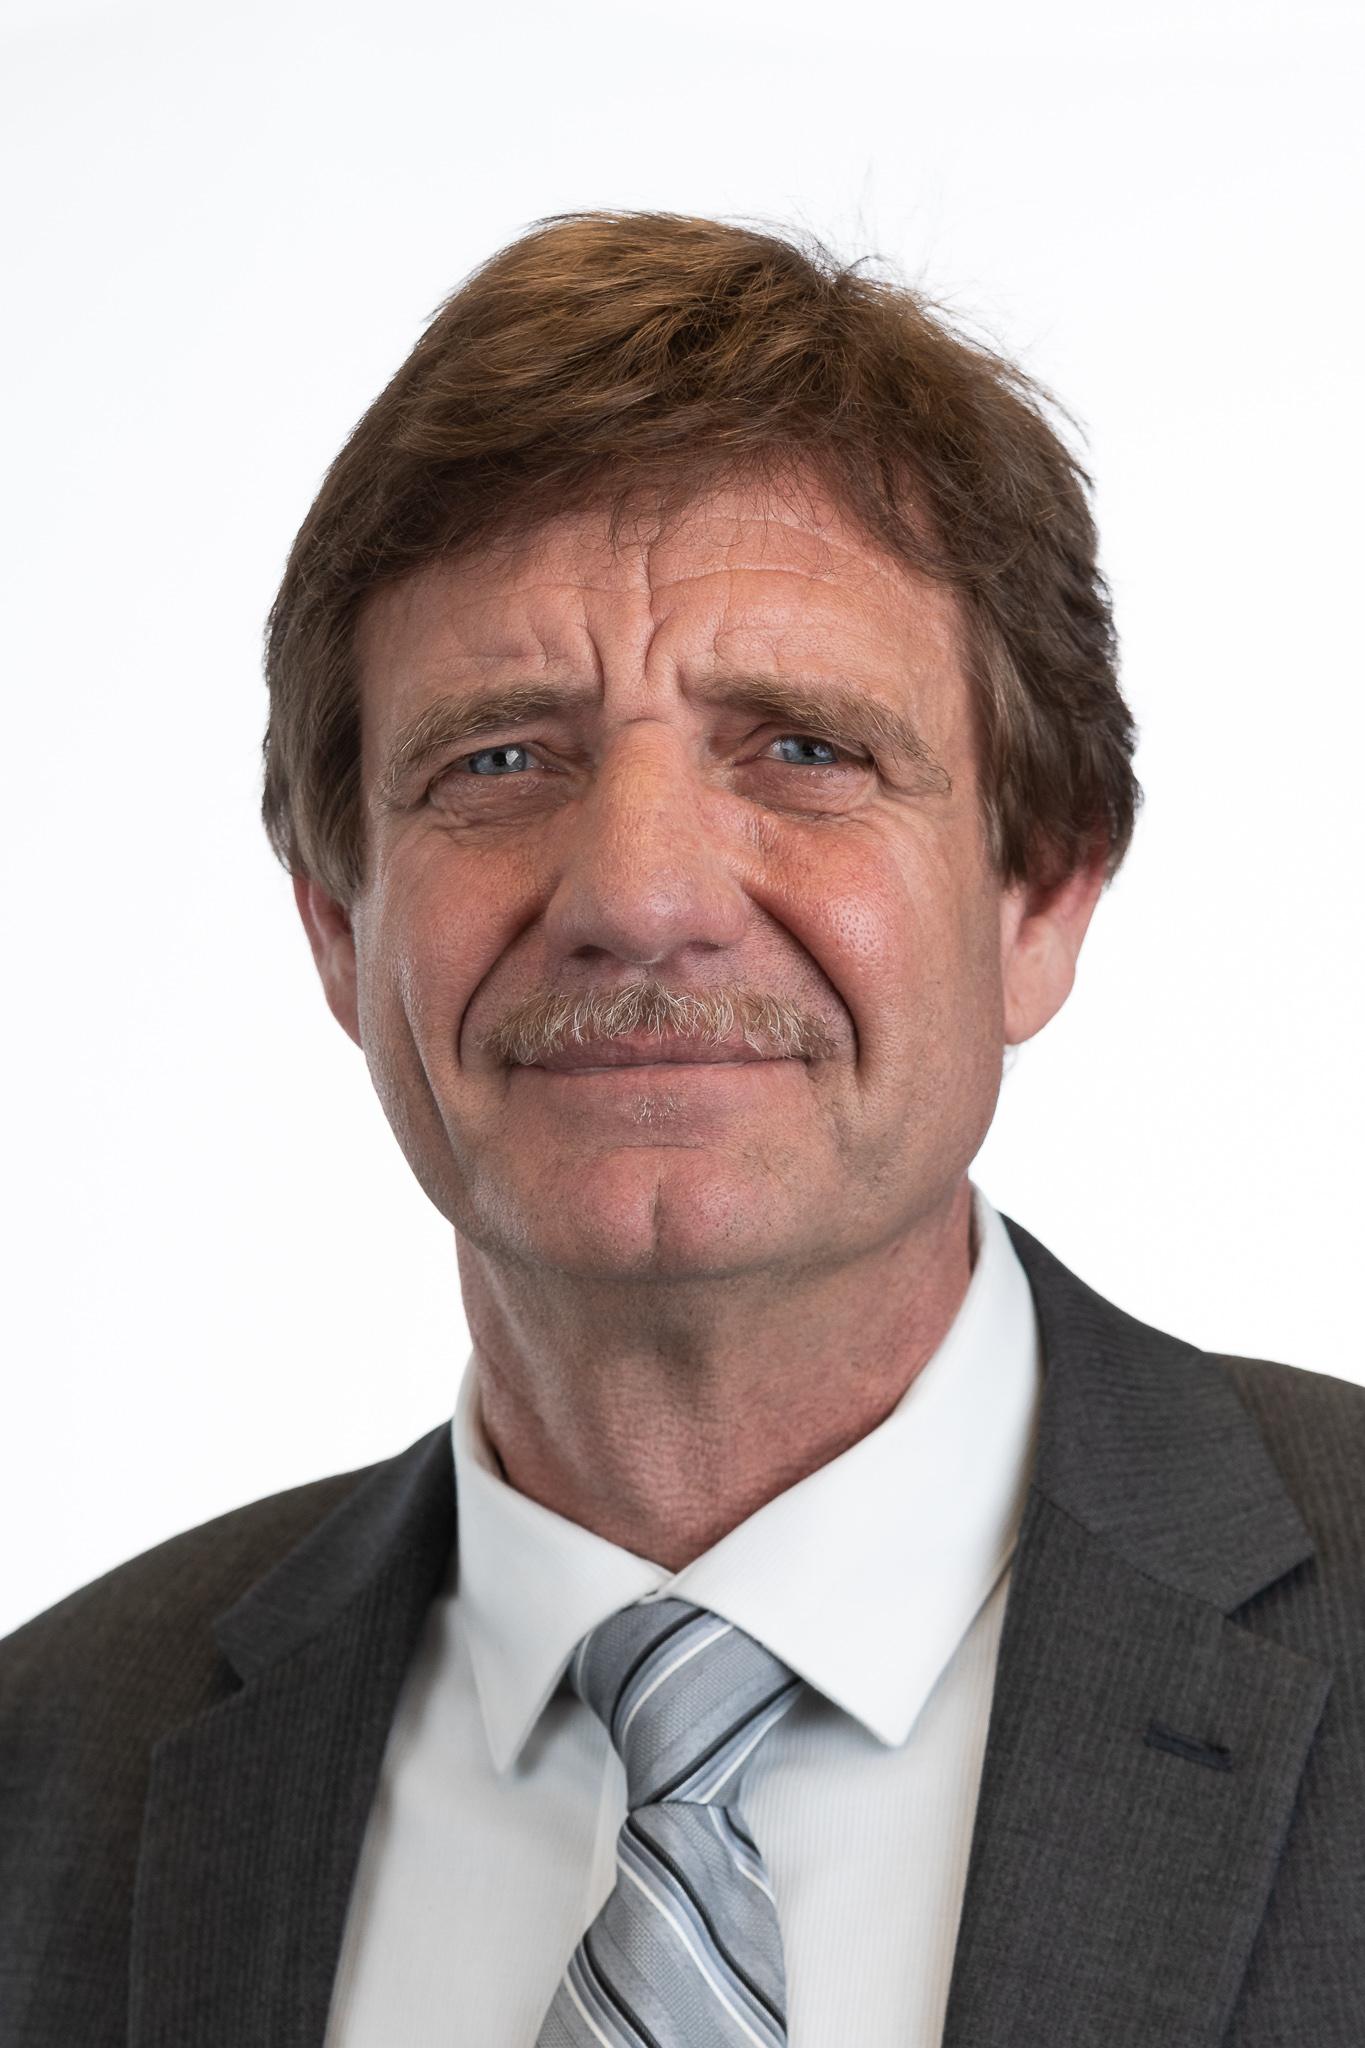 Headshot of Bill Rhodes